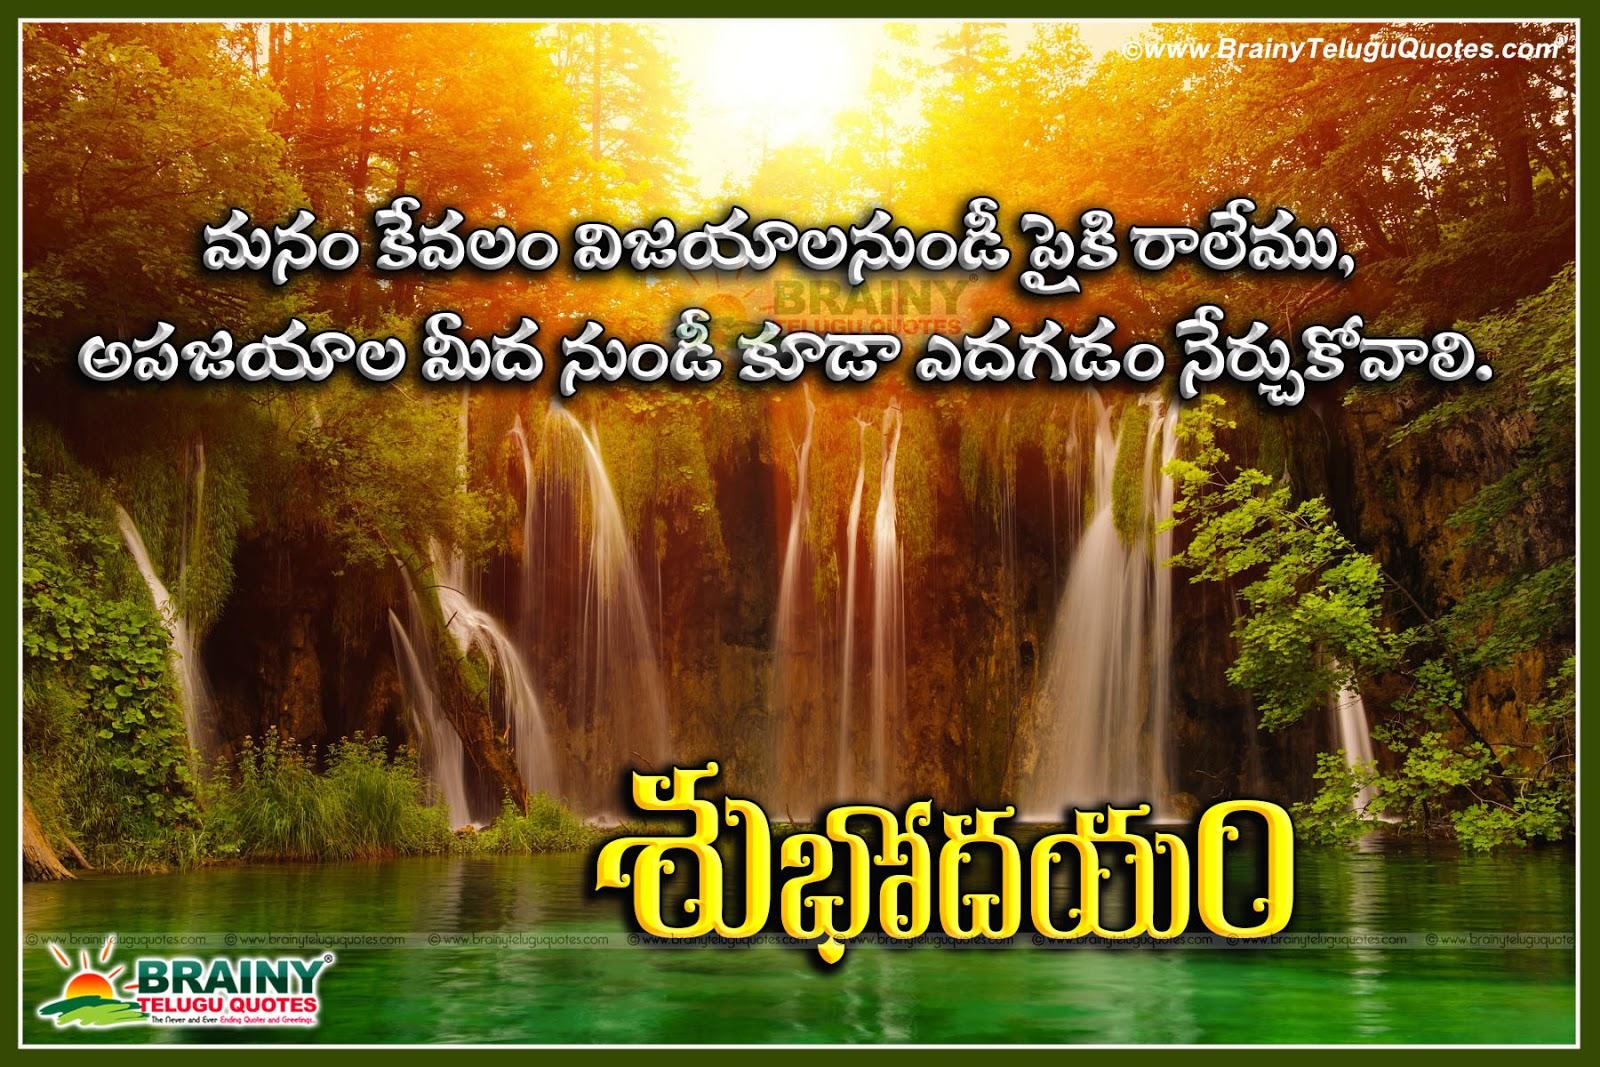 telugu subhodayam good morning messages sms quotes wallpapers brainyteluguquotes  telugu